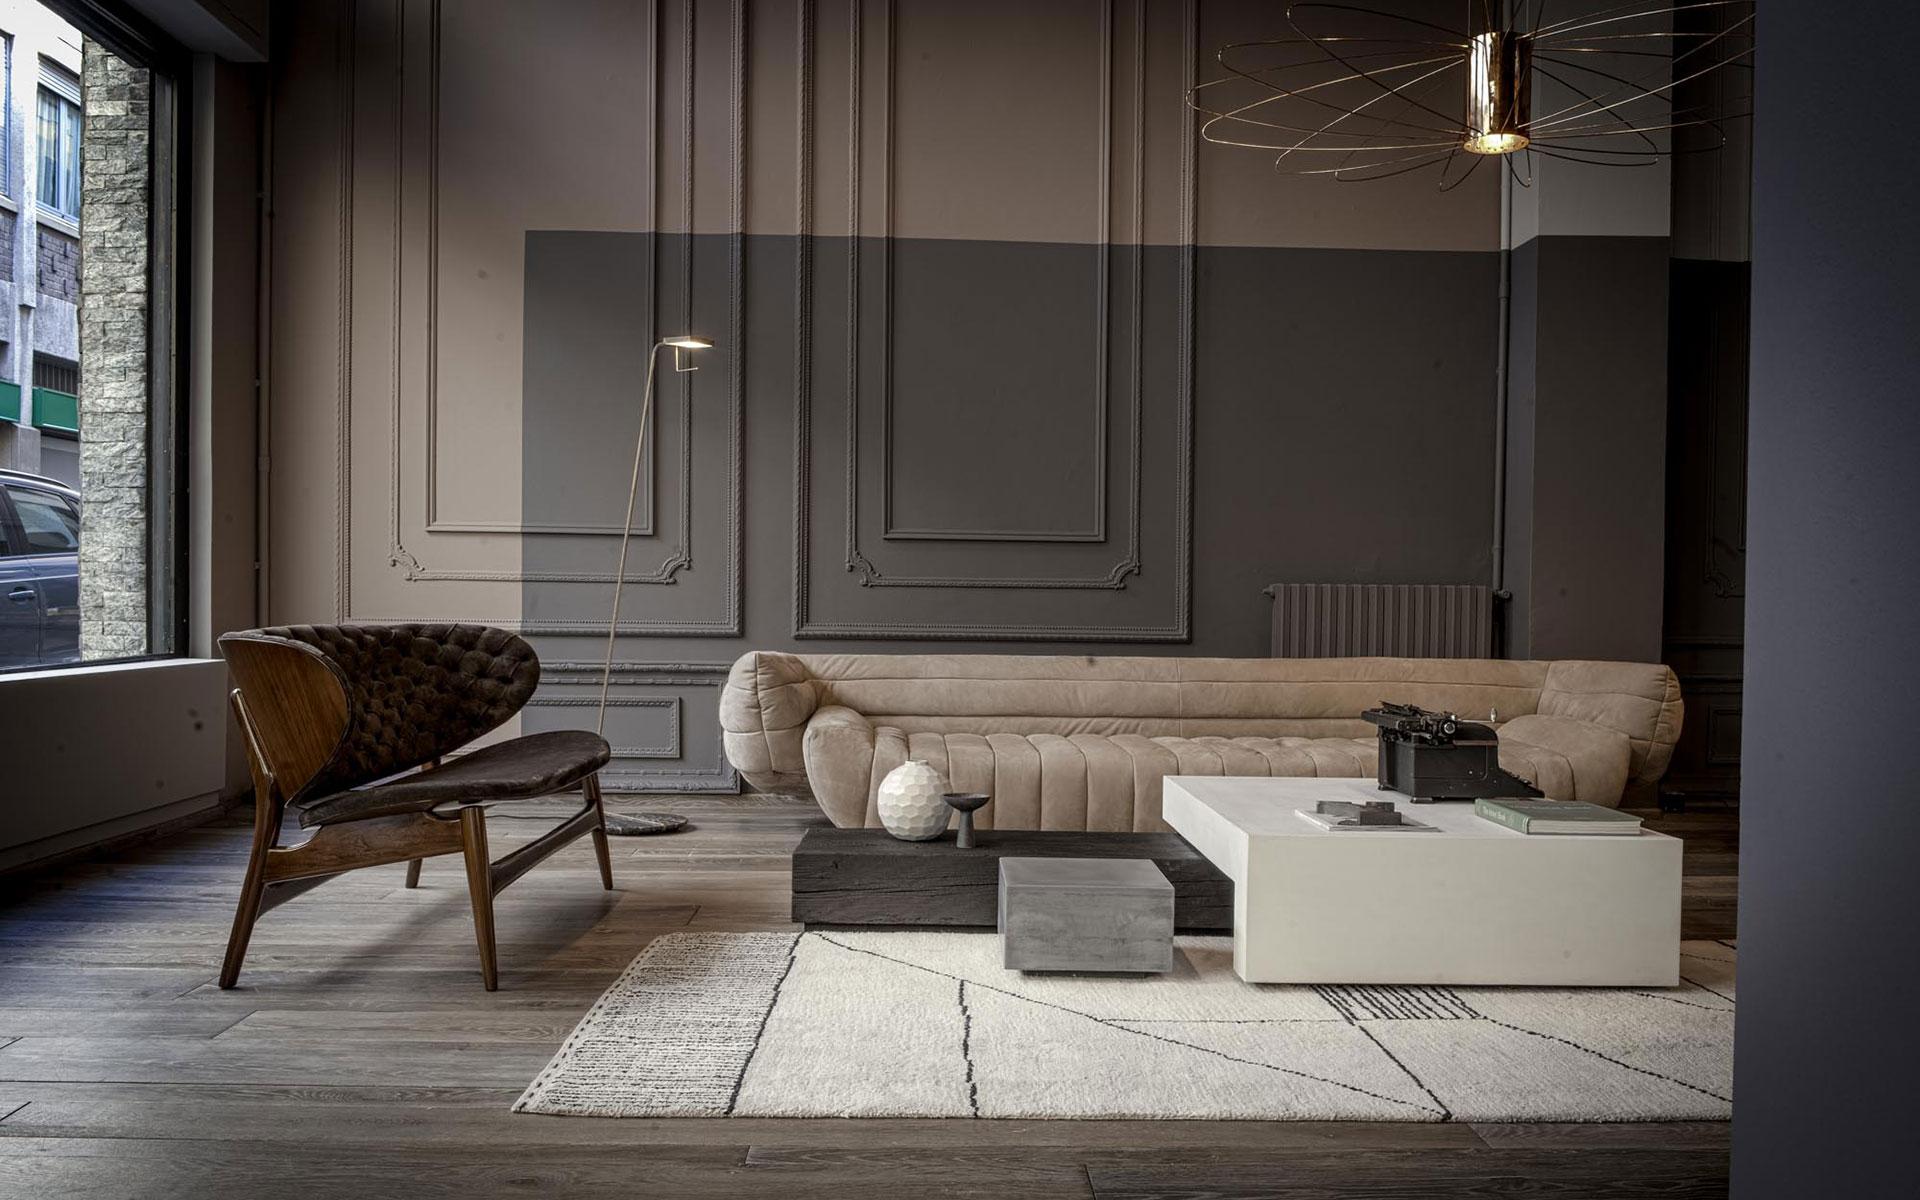 布艺沙发品牌_[ 海居汇 ] 意大利 Baxter DALMA 扶手椅 / 海外代购 / 欧洲代购